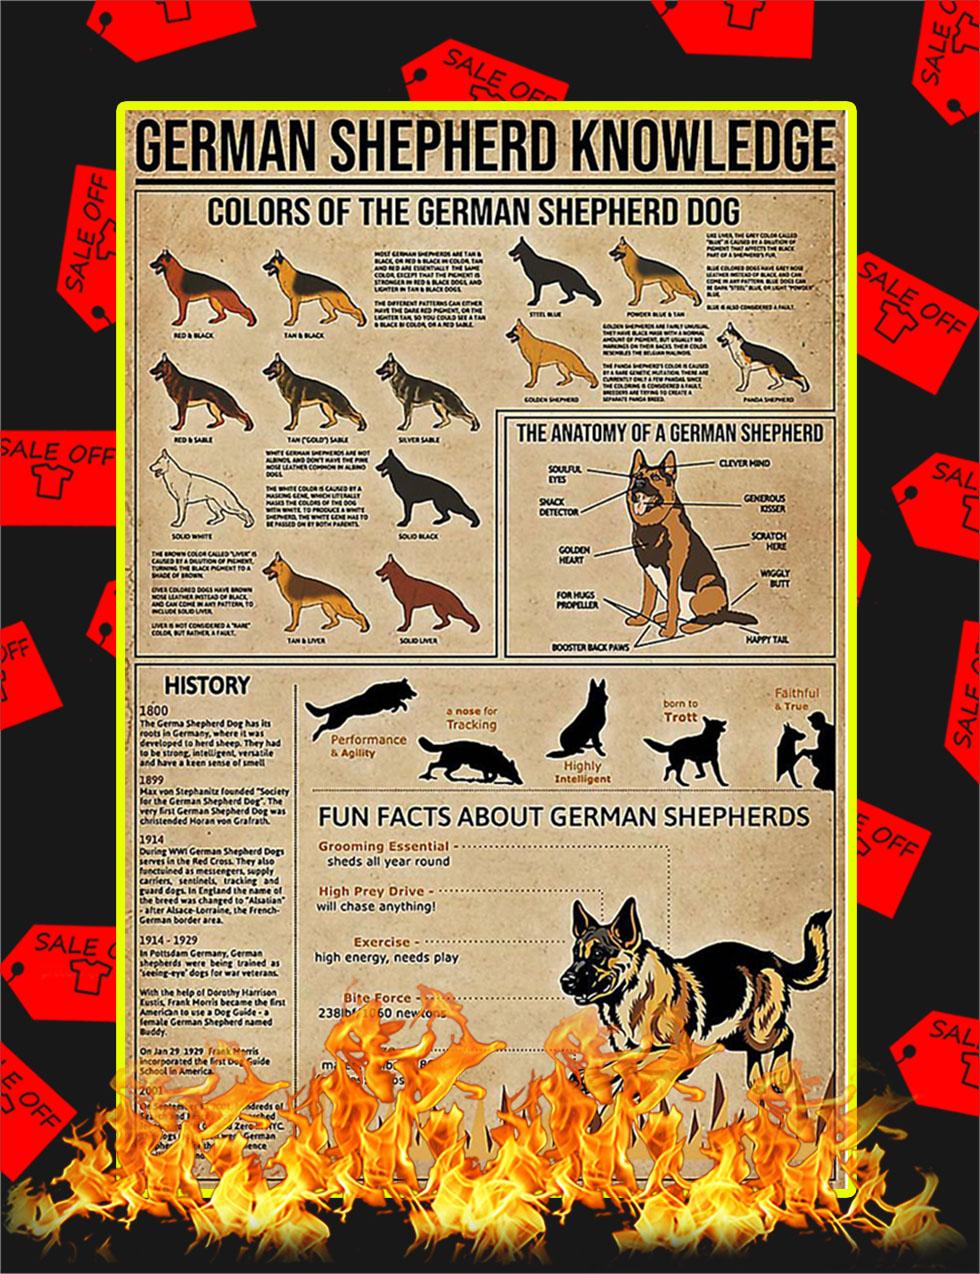 German Shepherd Knowledge Poster - 16x24